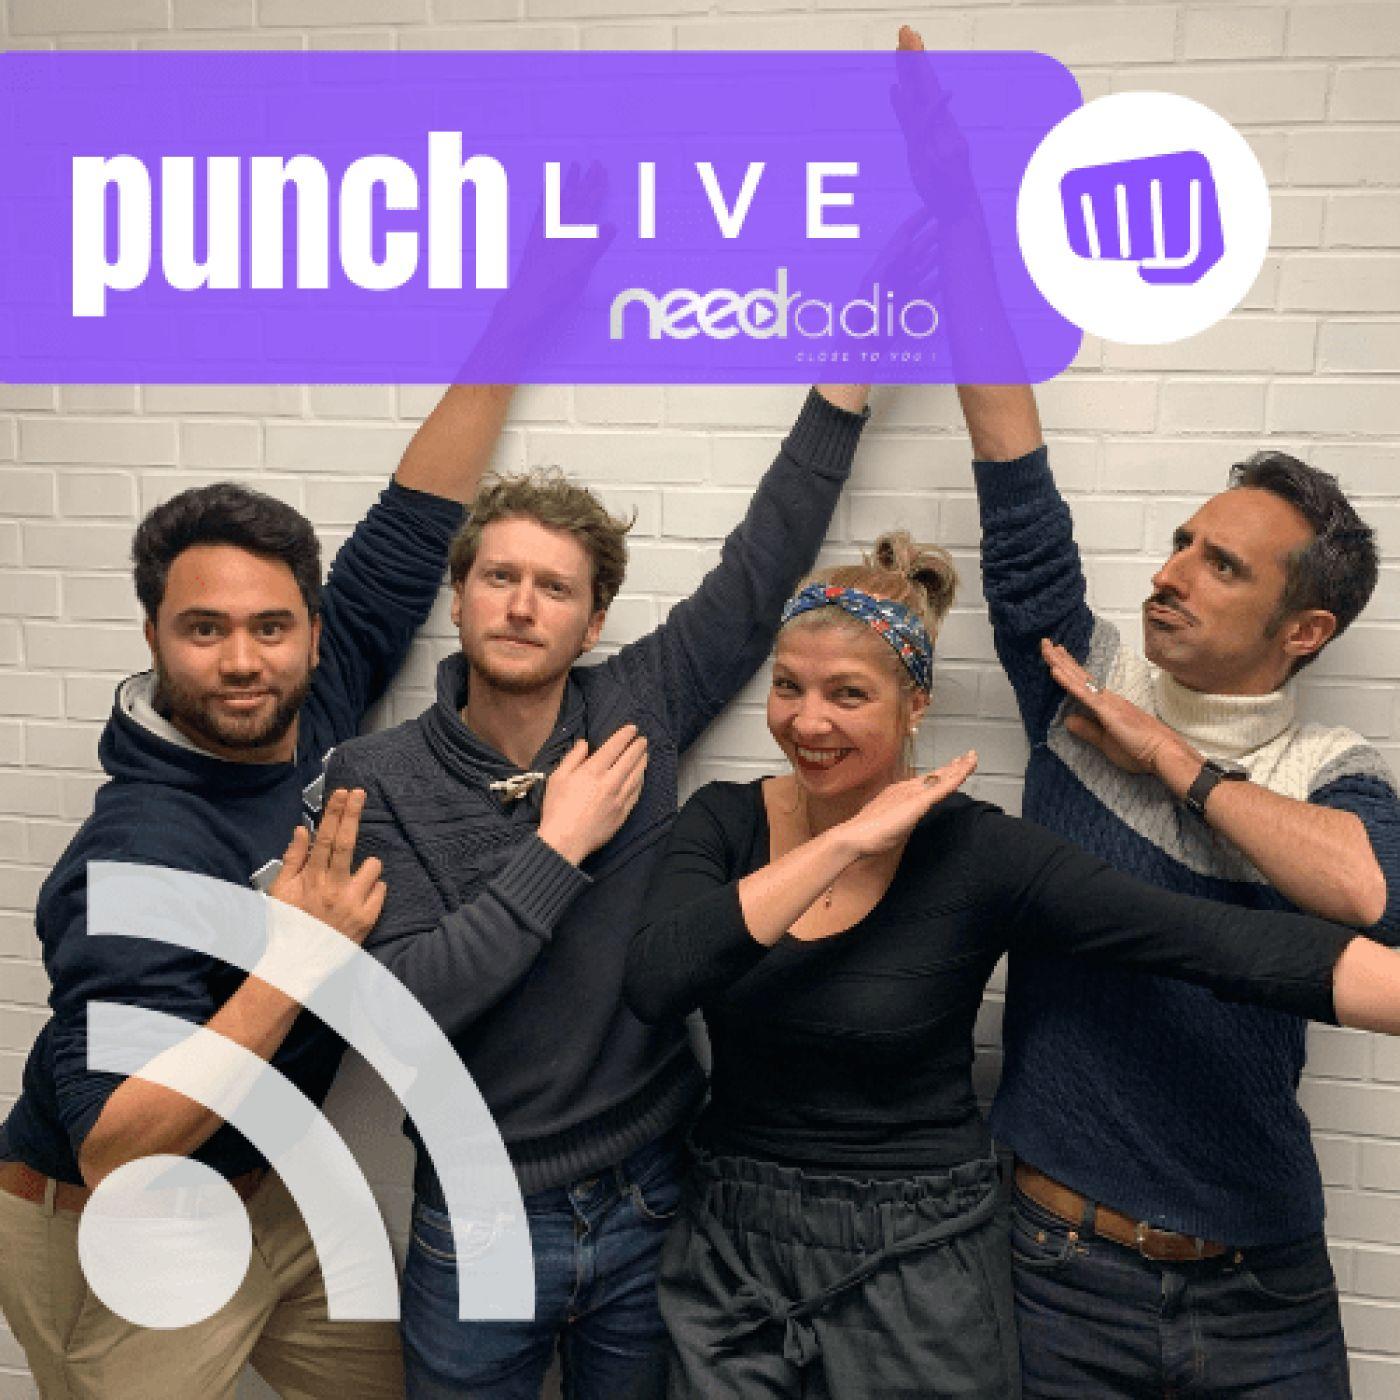 Punch Live avec Quentin et son équipe (27/05/19)